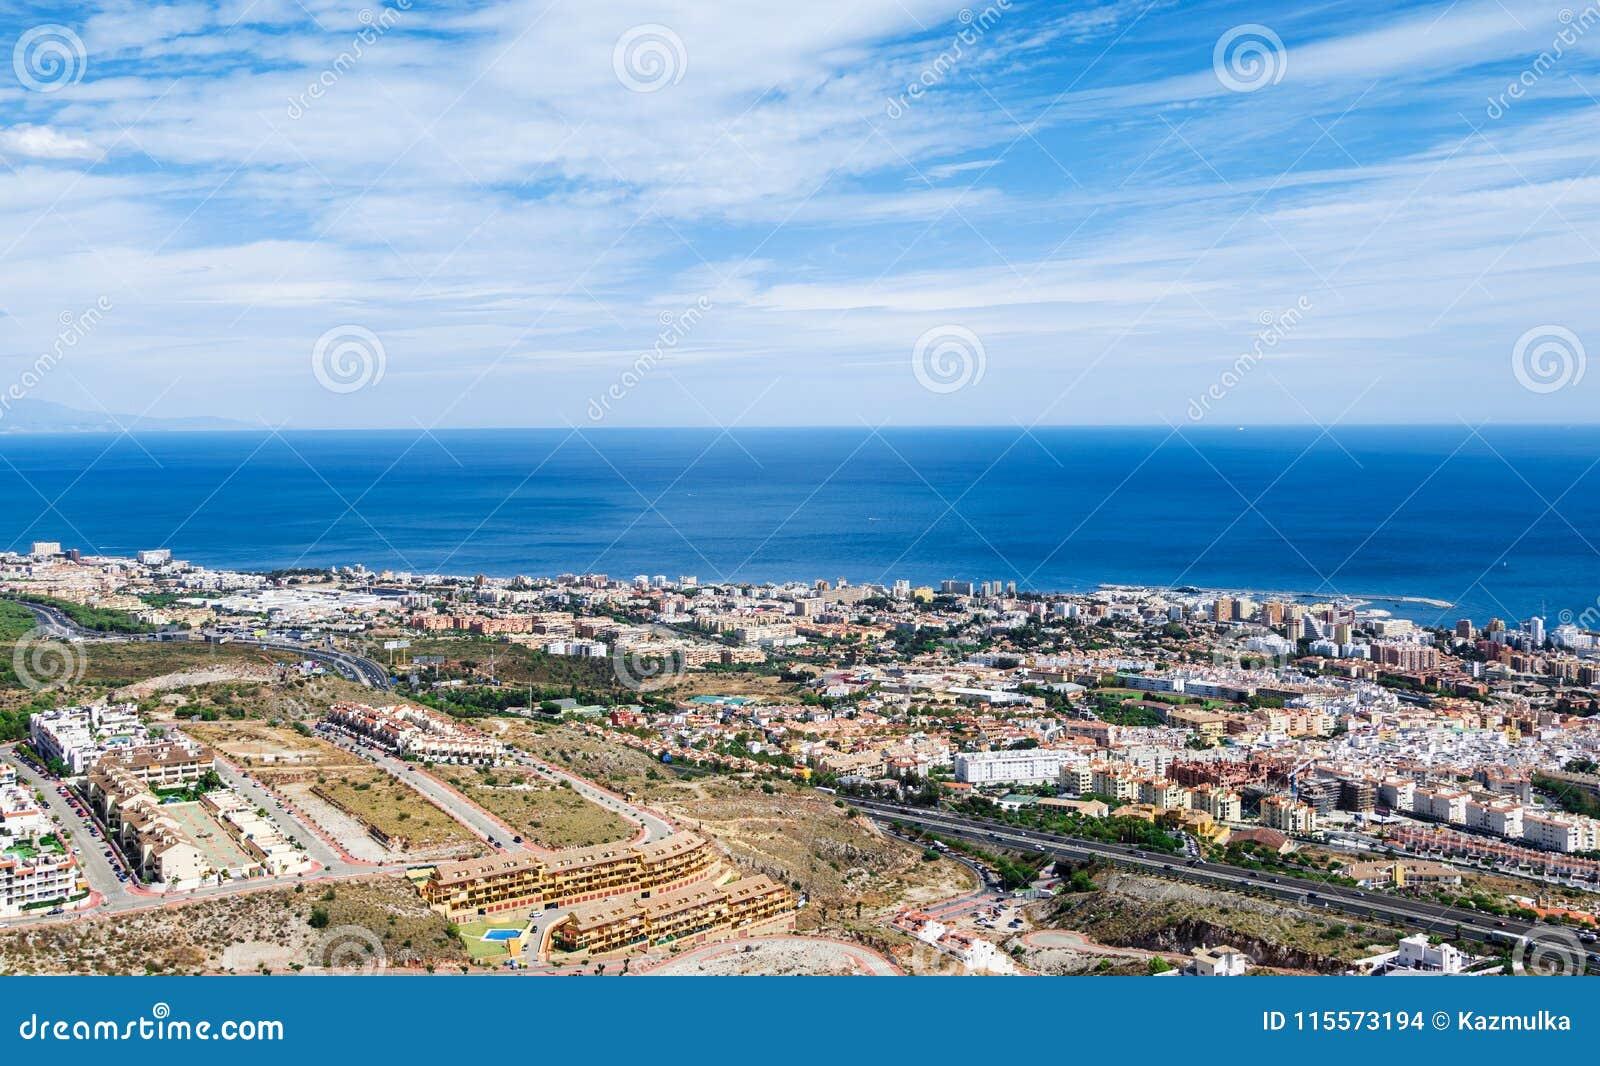 Flyg- sikt på den medelhav-, Benalmadena staden och huvudvägen längs kusten Provence Malaga, Costa del Sol, Spanien